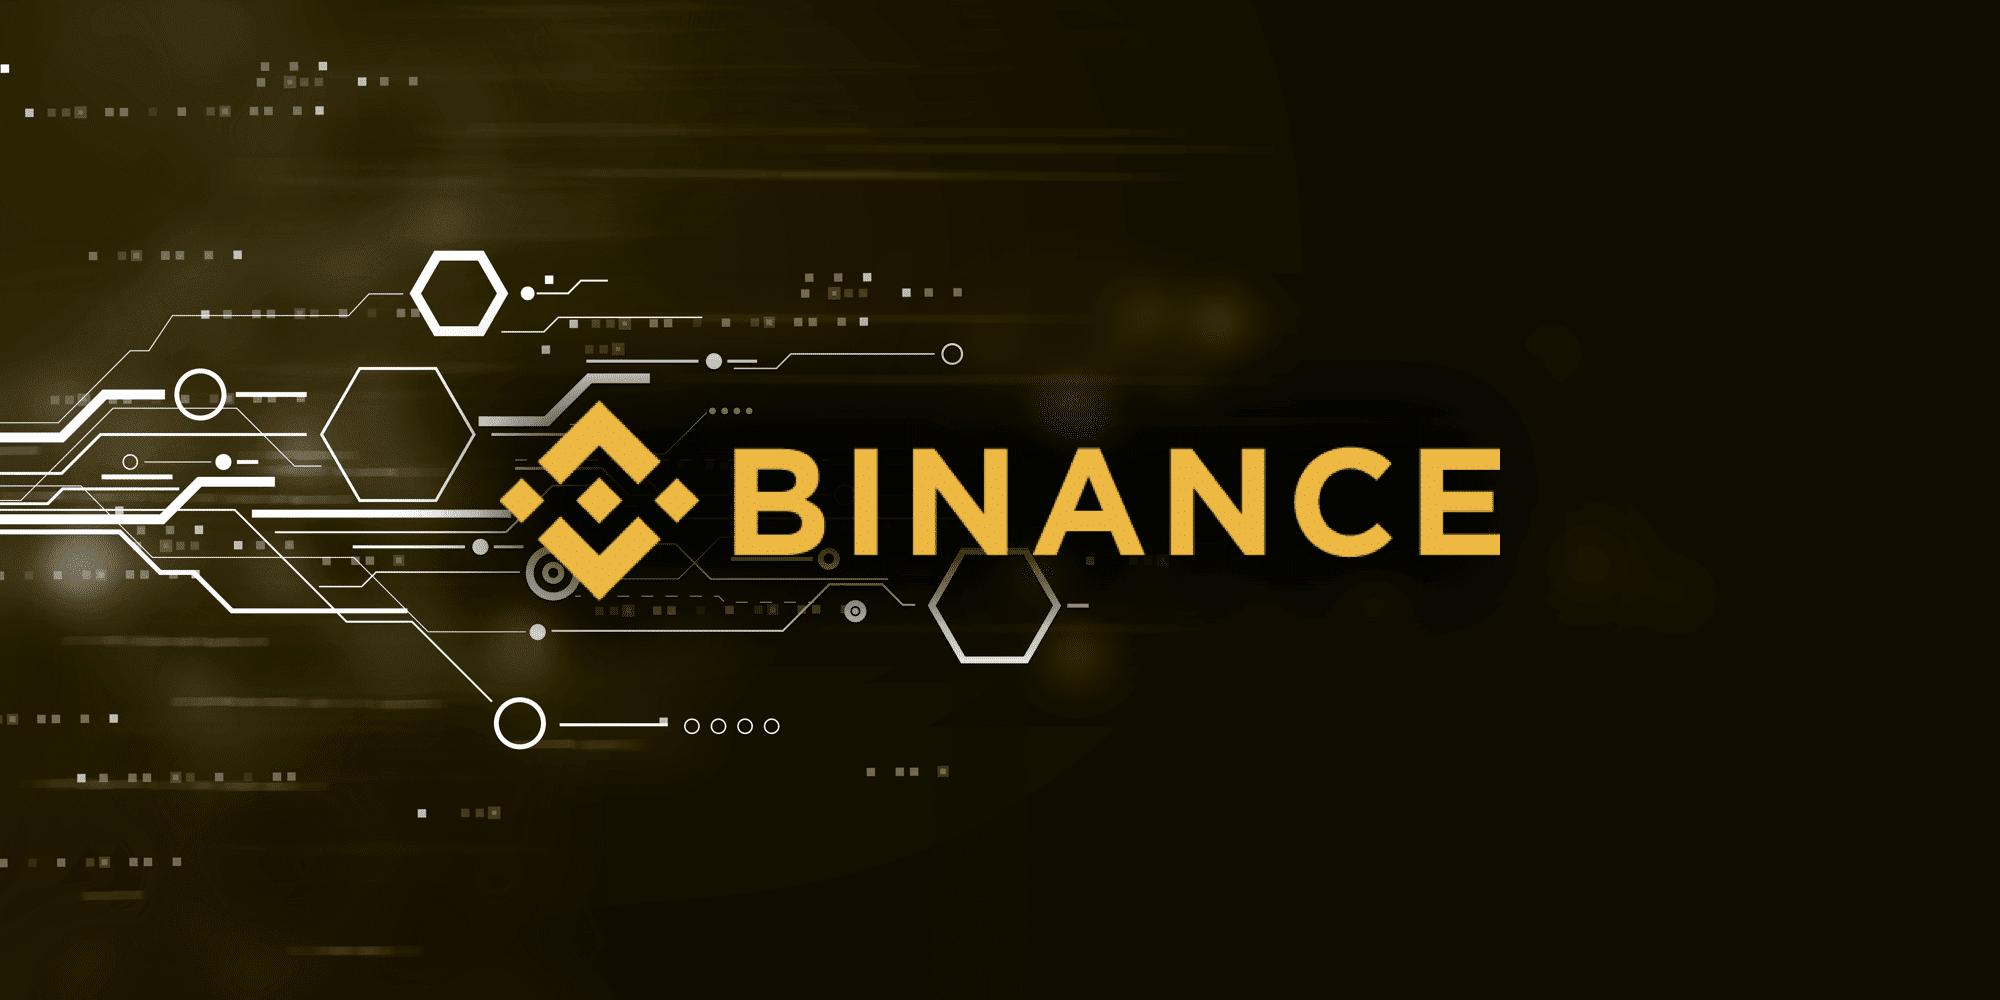 Binance empréstimos-criptomoedas-exchange-acusação-roubo